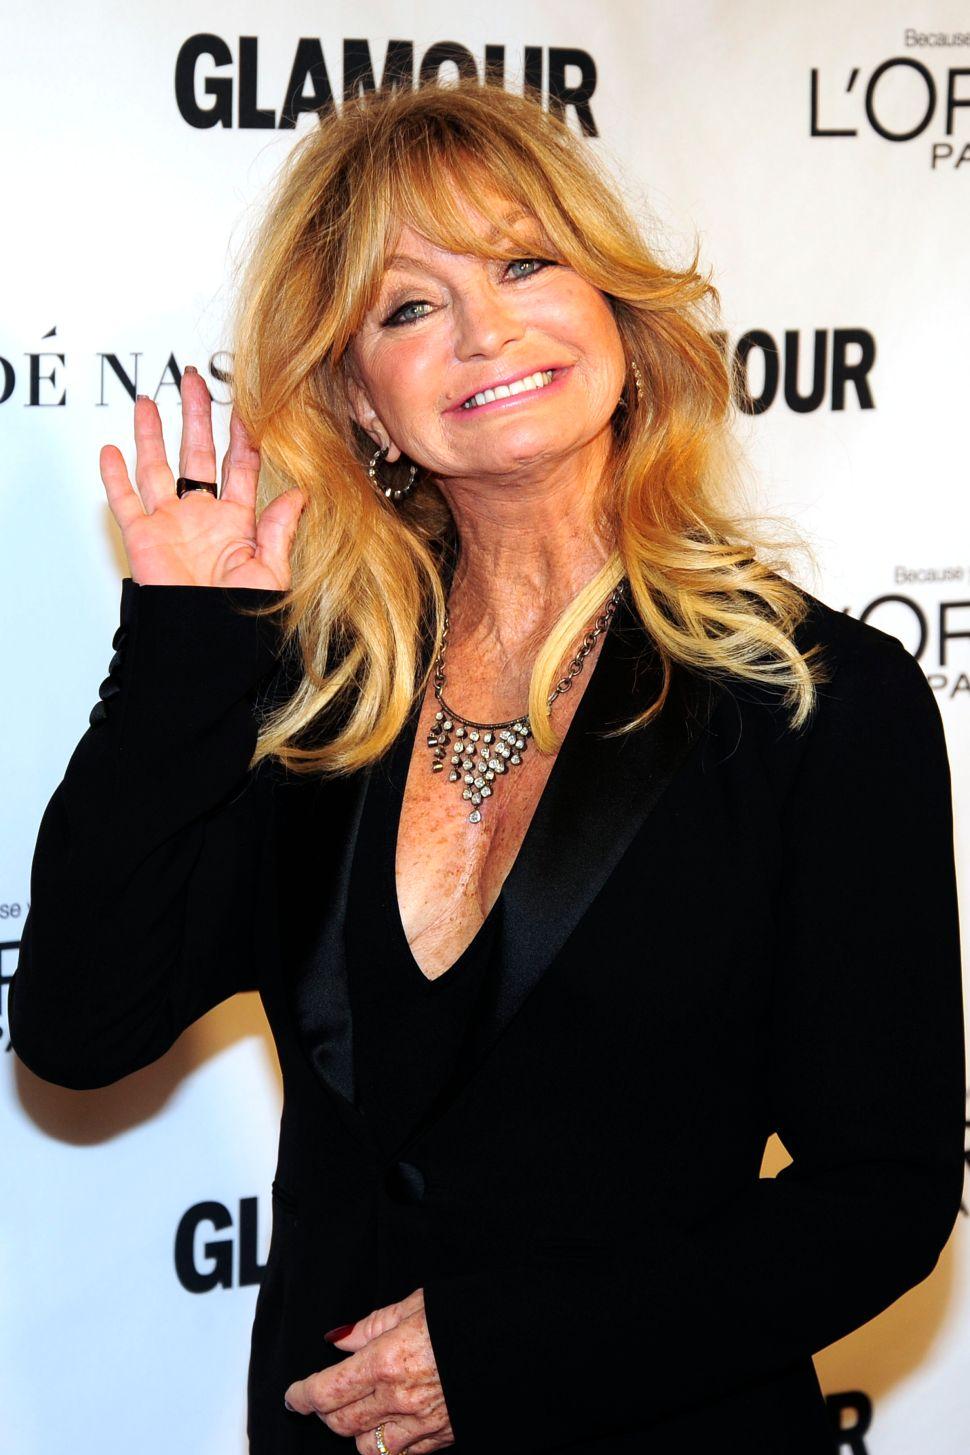 Goldie Hawn (Photo: Paul Bruinooge for Patrick McMullan).